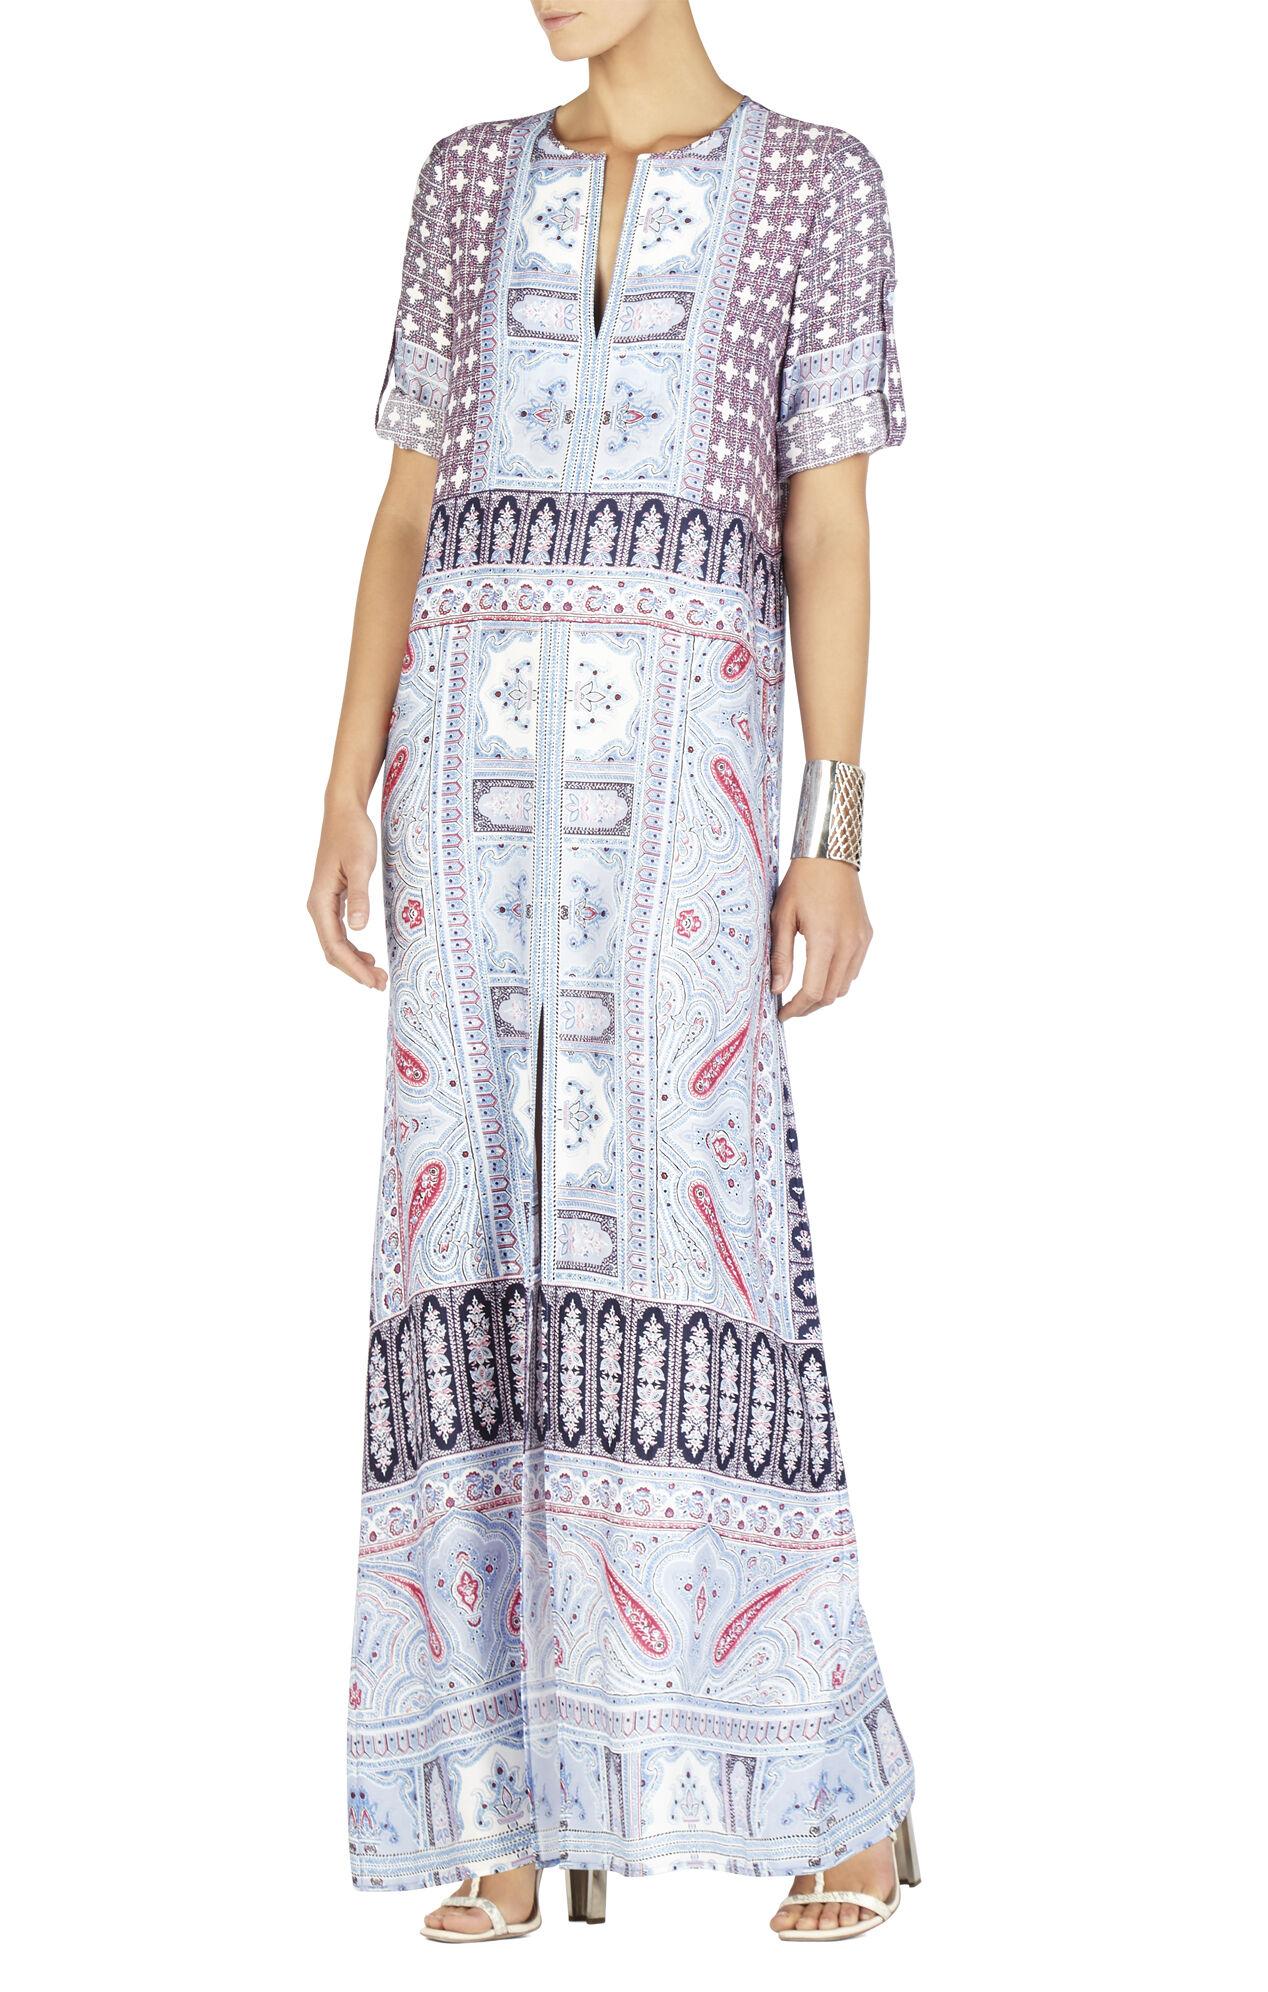 Olivia Scarf Printed Kaftan Dress